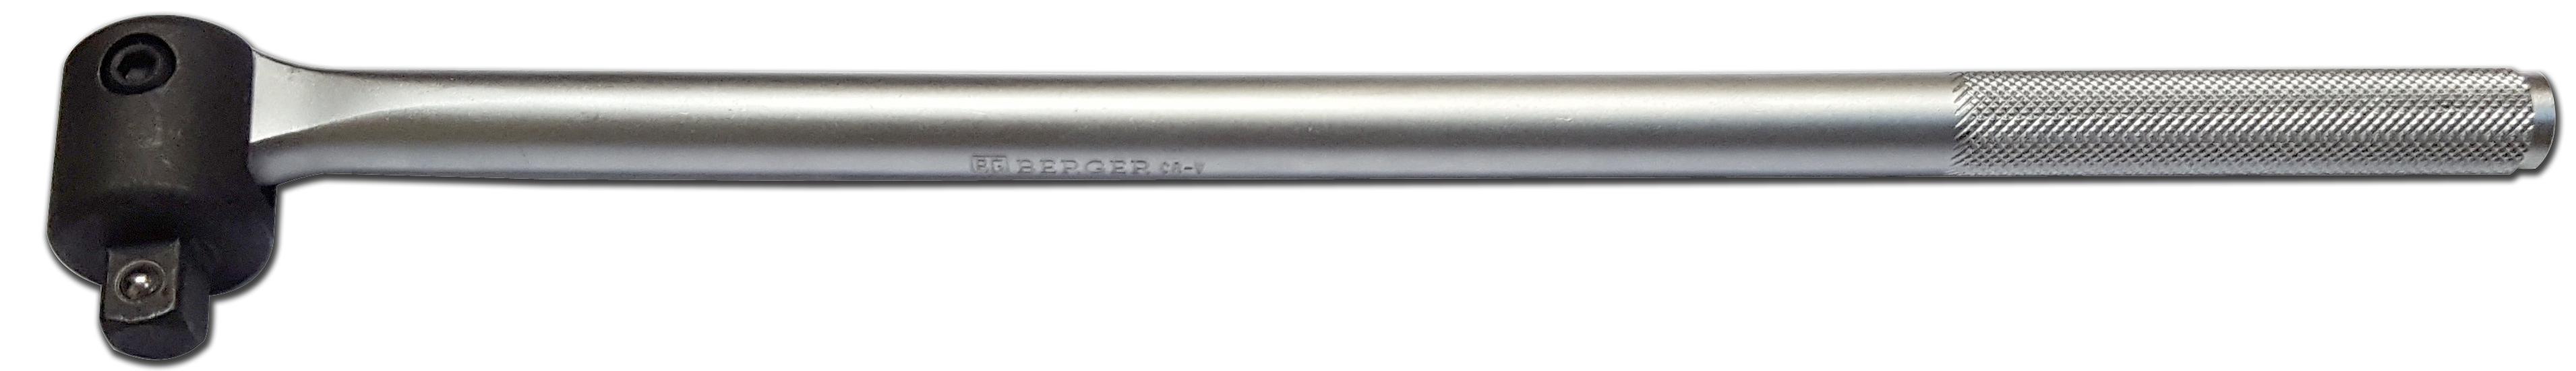 Вороток Berger Bg2285 цены